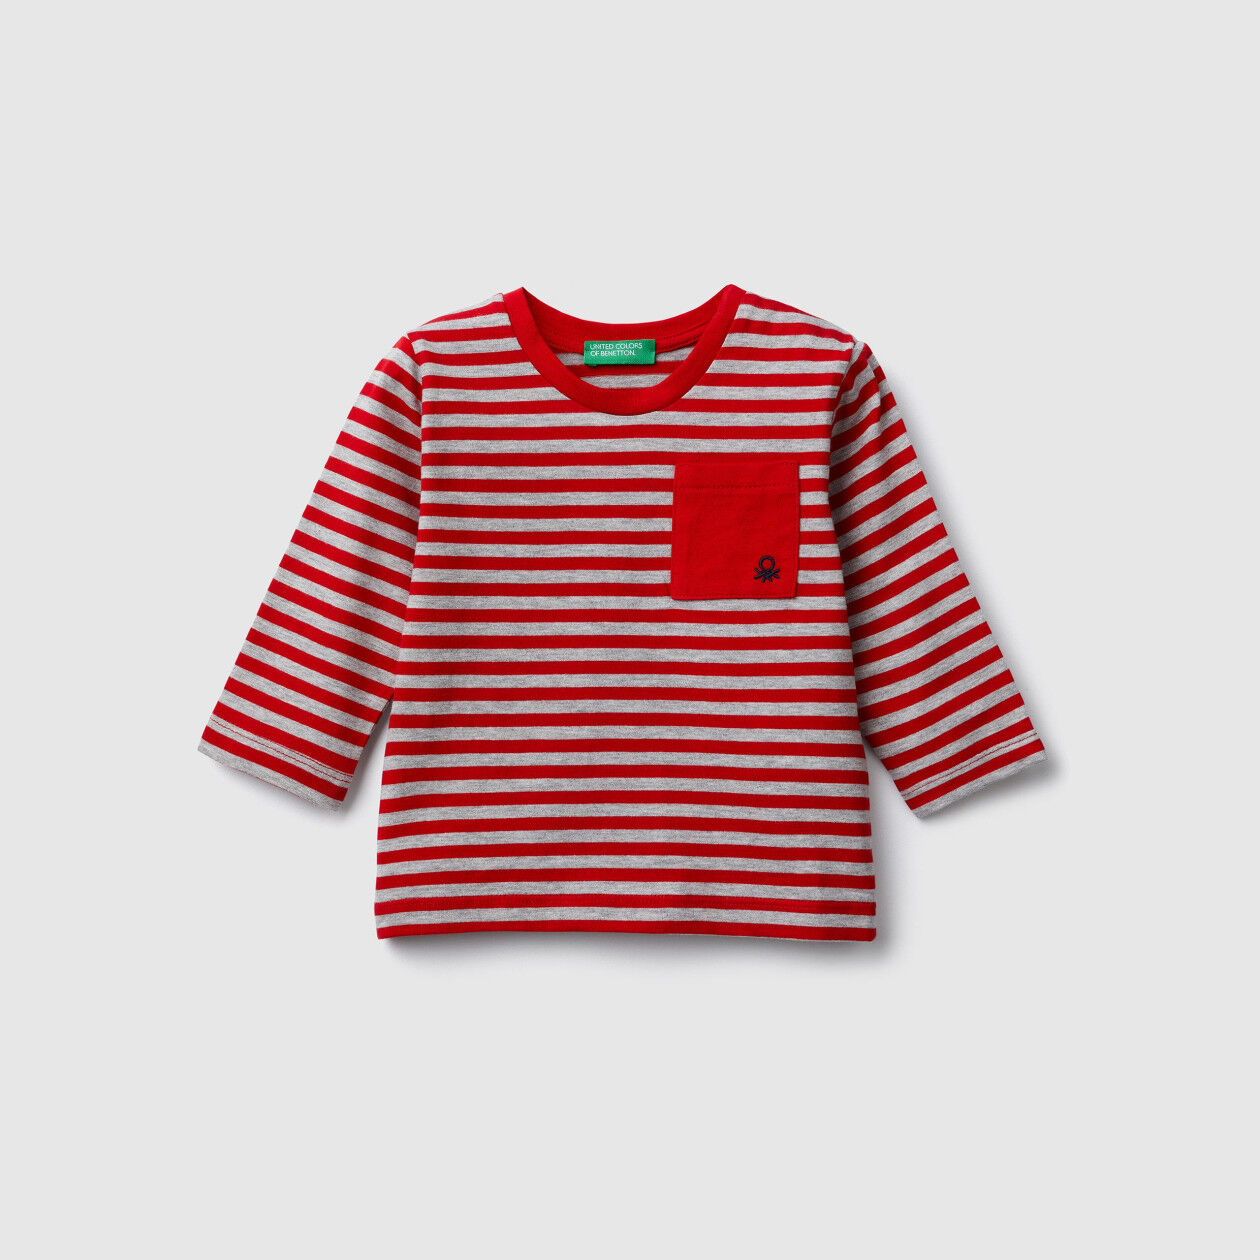 Camiseta de rayas con bolsillo